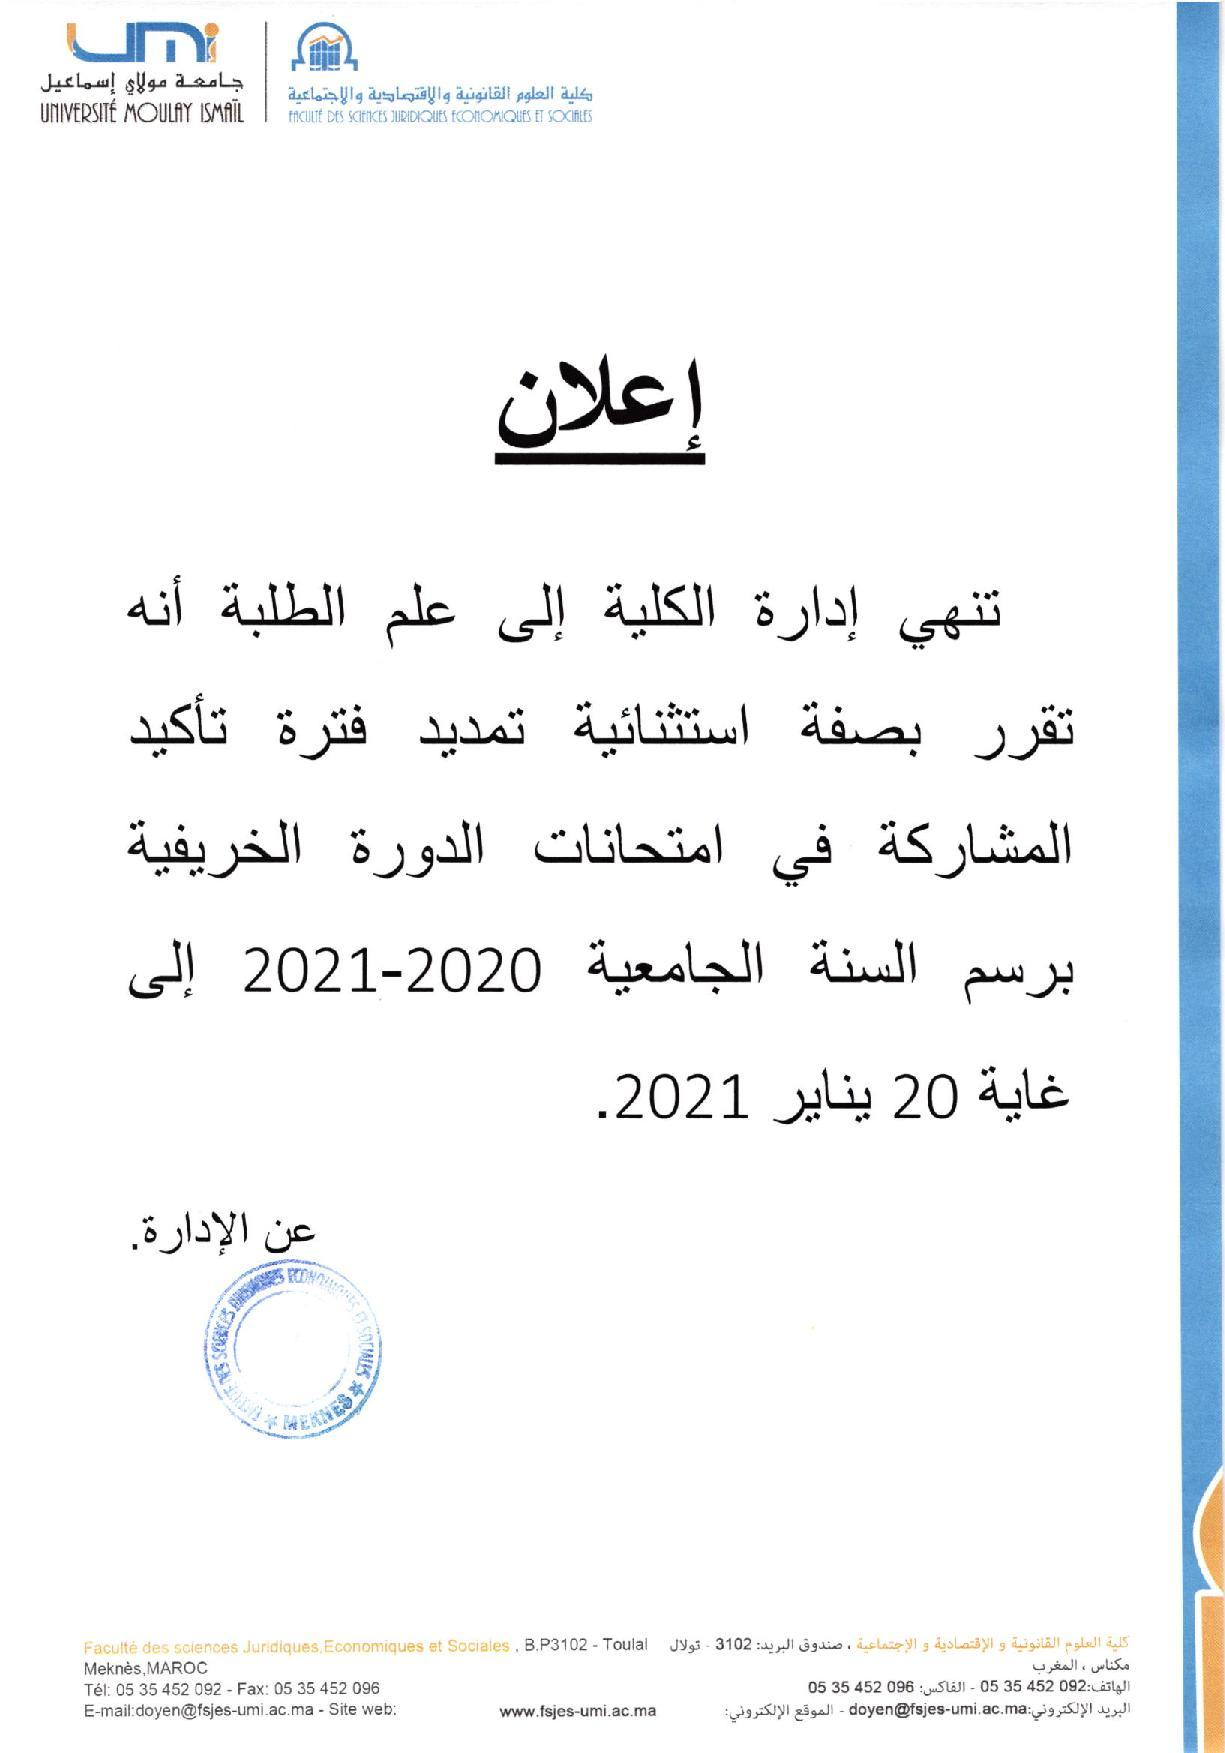 إعلان بخصوص تأكيد المشاركة في امتحانات الدورة الخريفية برسم الموسم الجامعي 2021/2020